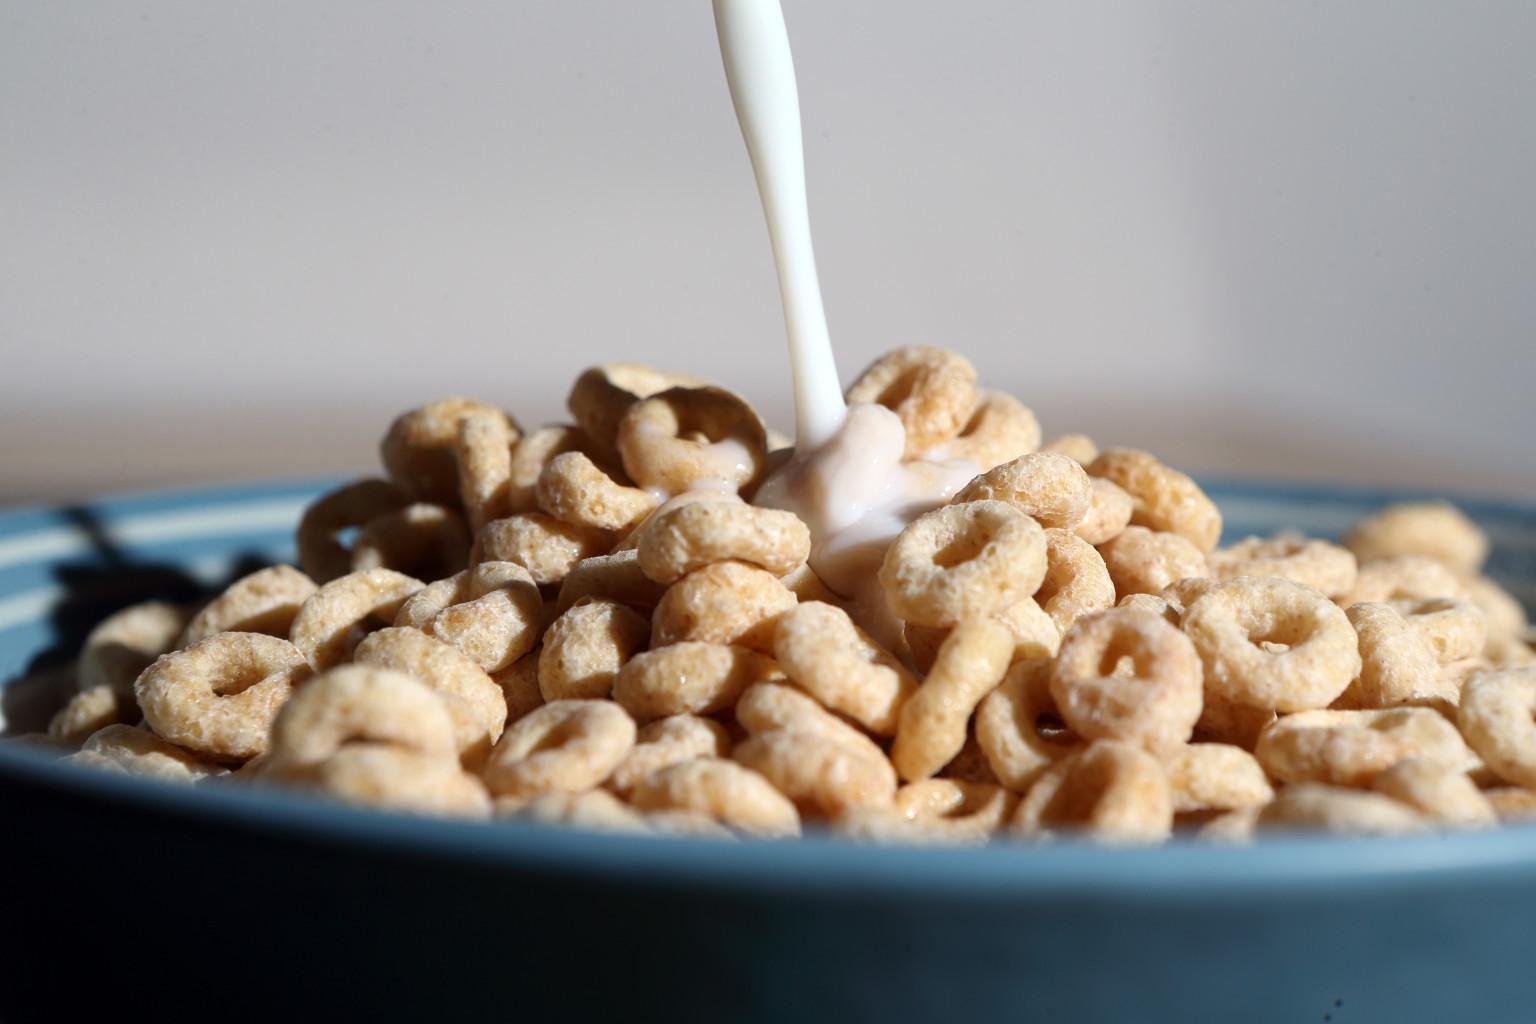 GMO-free Cheerios